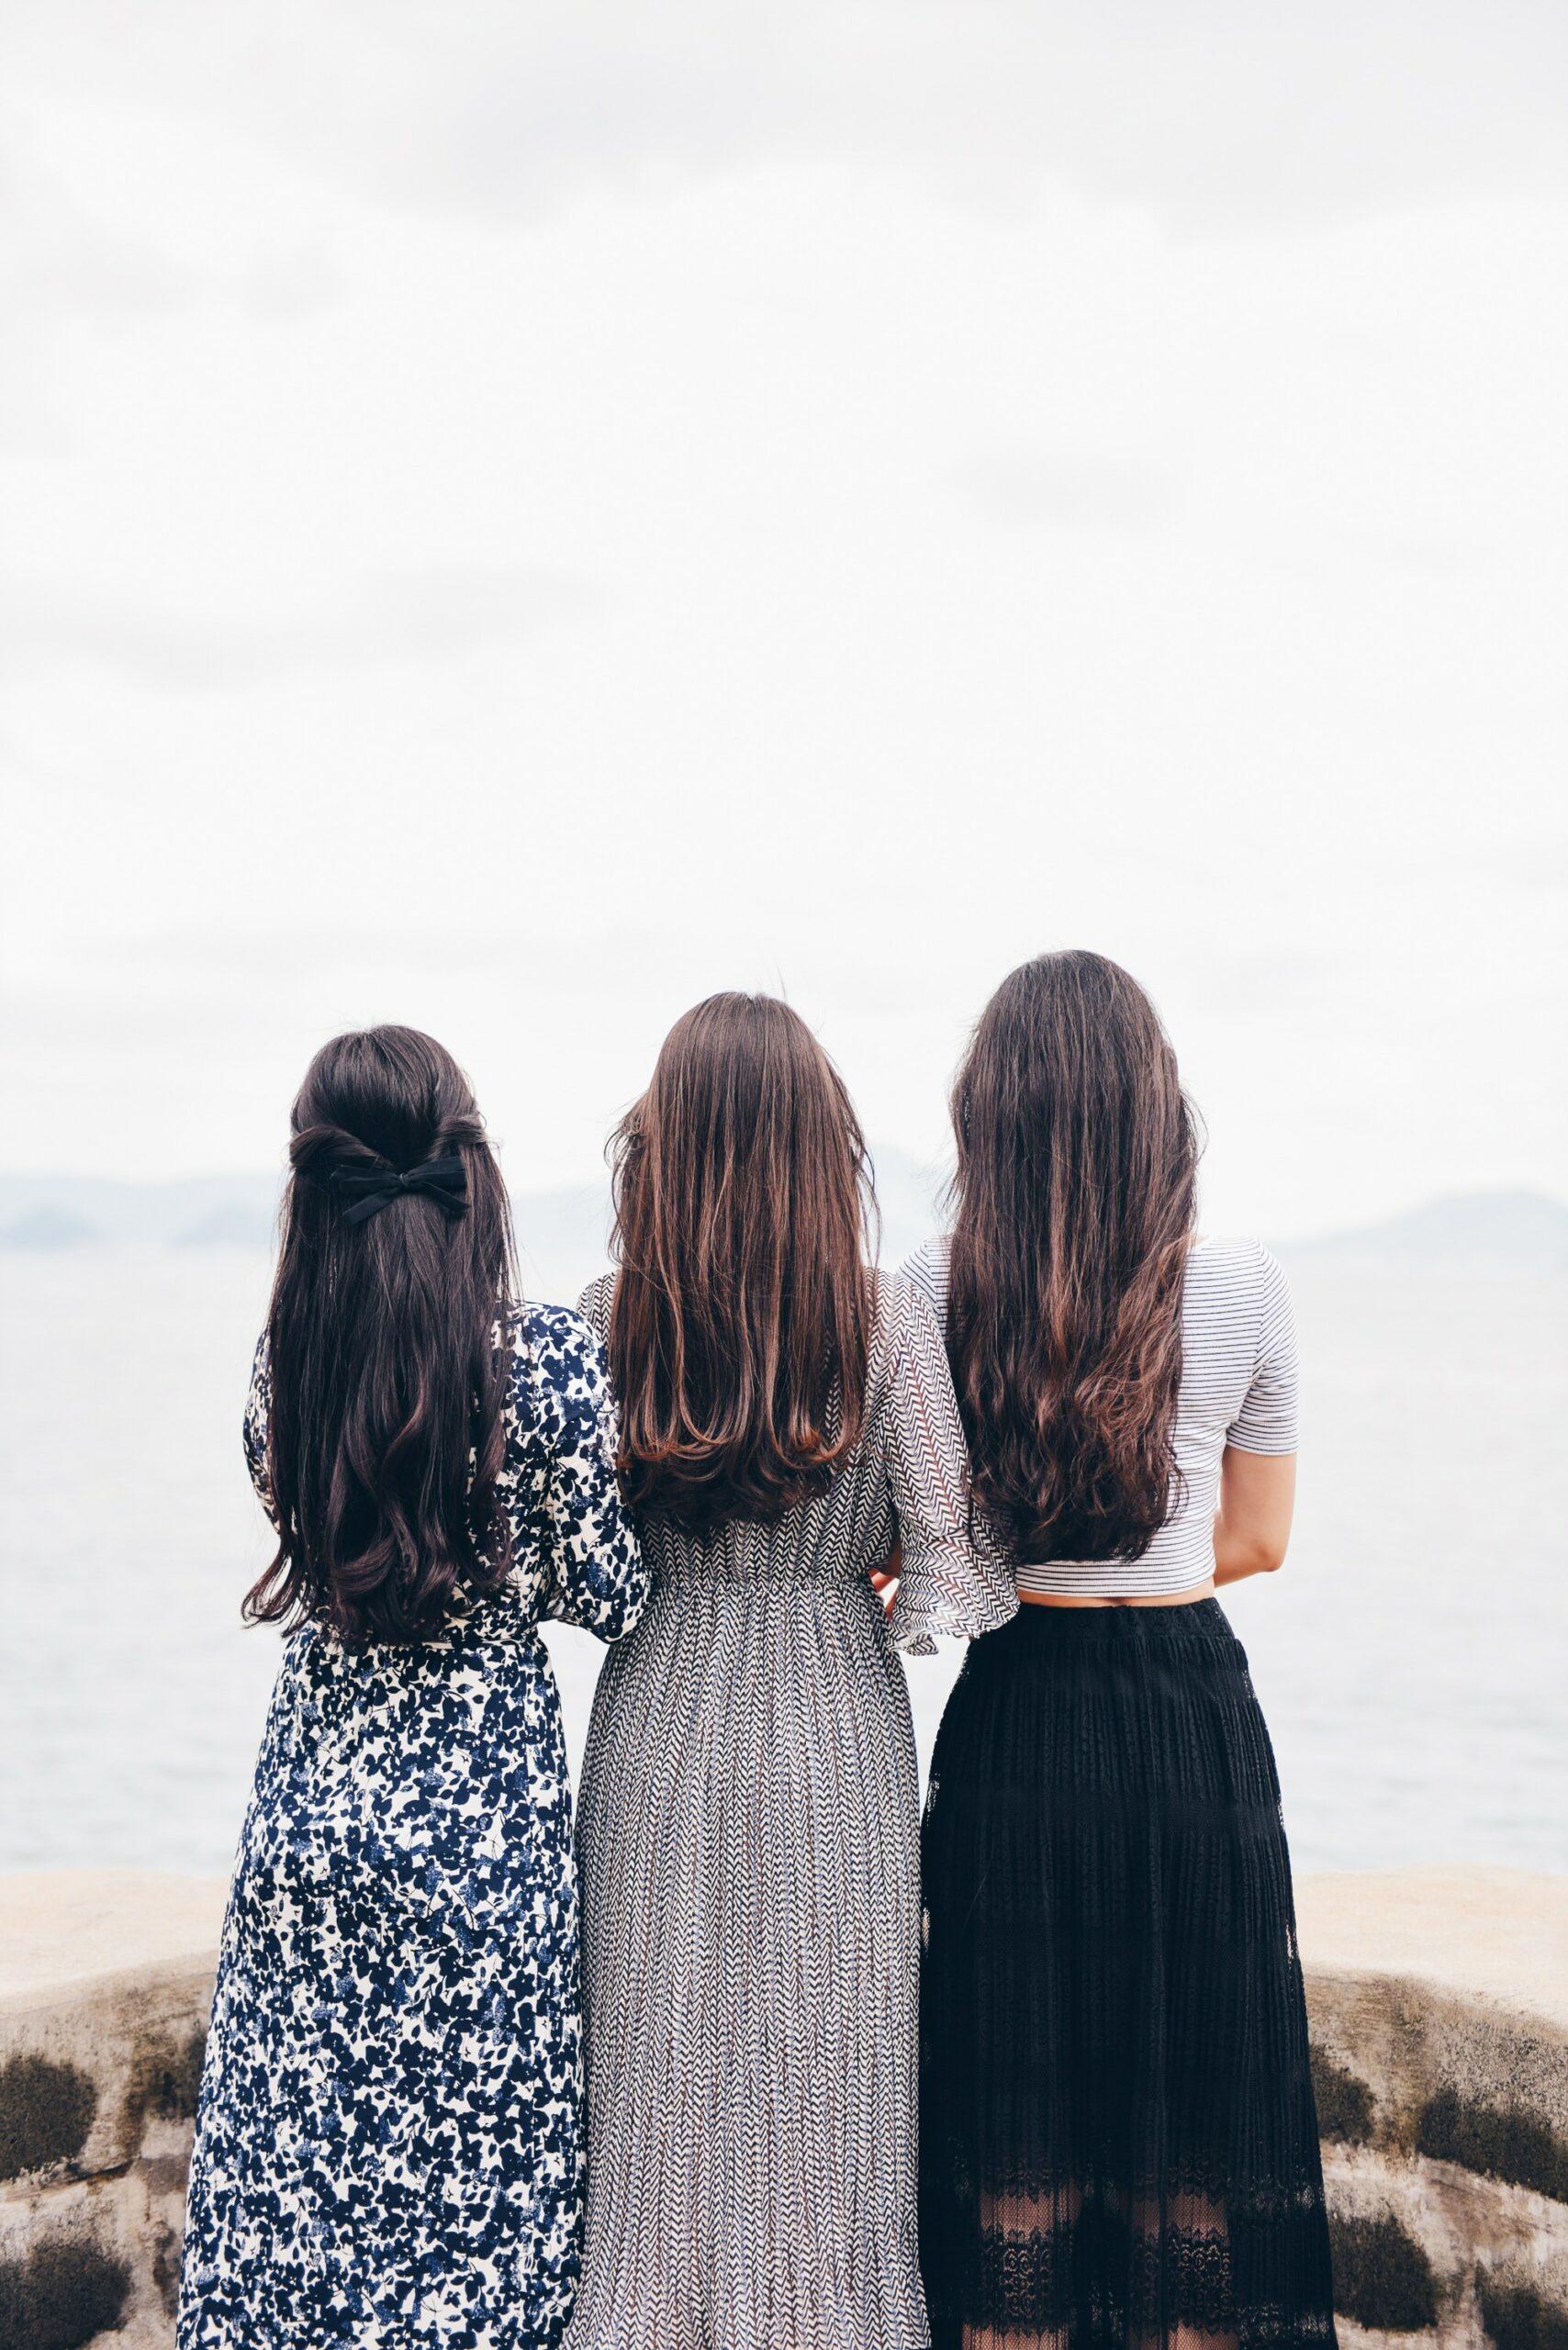 女性3人の後ろ姿